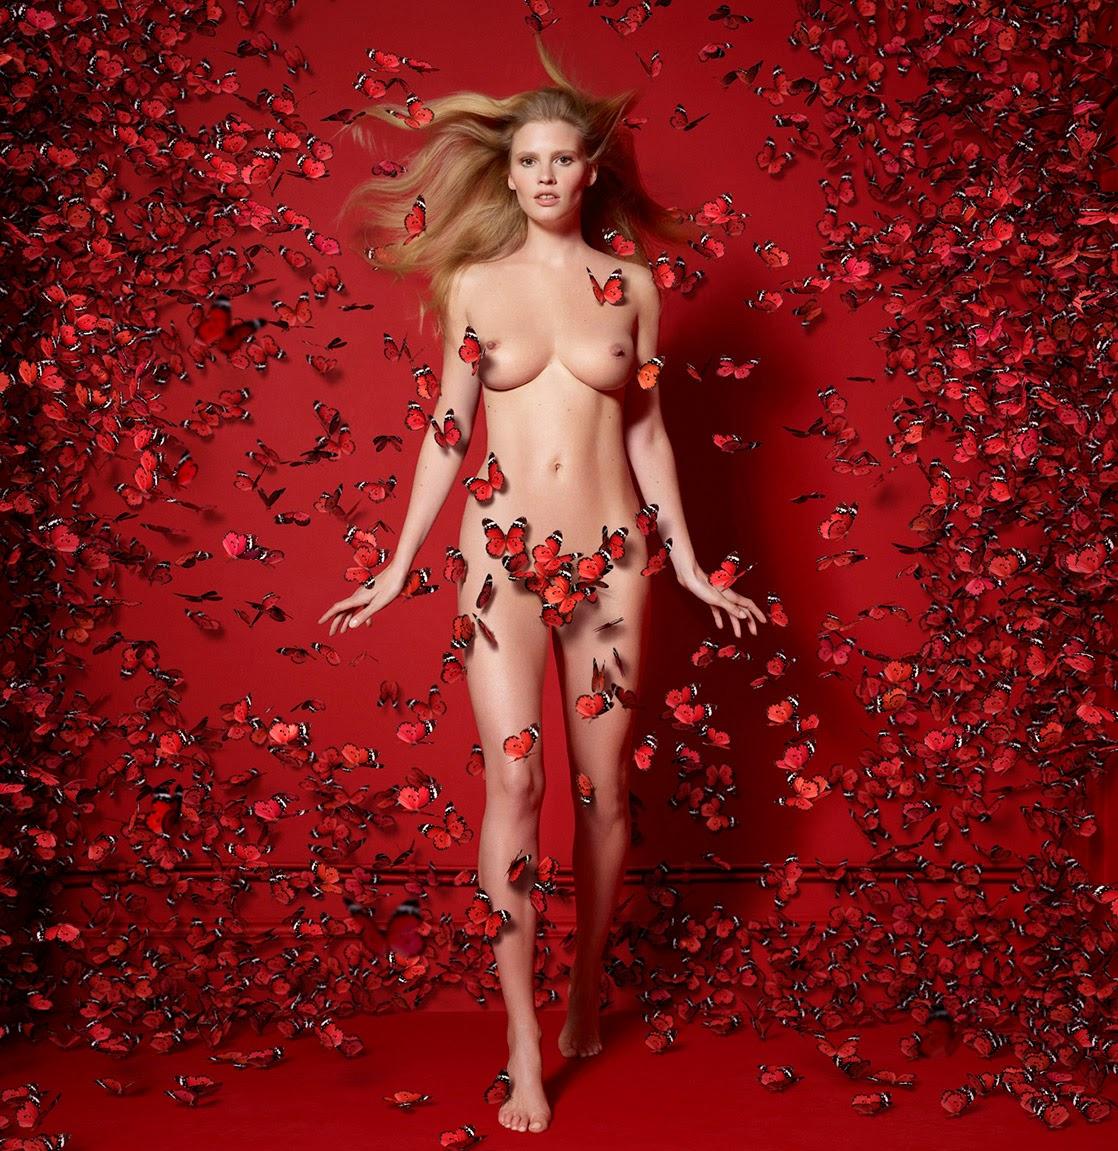 http://2.bp.blogspot.com/-kGplTmv4rfI/Uy1CyR_XenI/AAAAAAAA1oc/J73R3E051Hs/s1600/%25C2%25A9Cuneyt+Akeroglu+-+The+Red+Room+Project.jpg